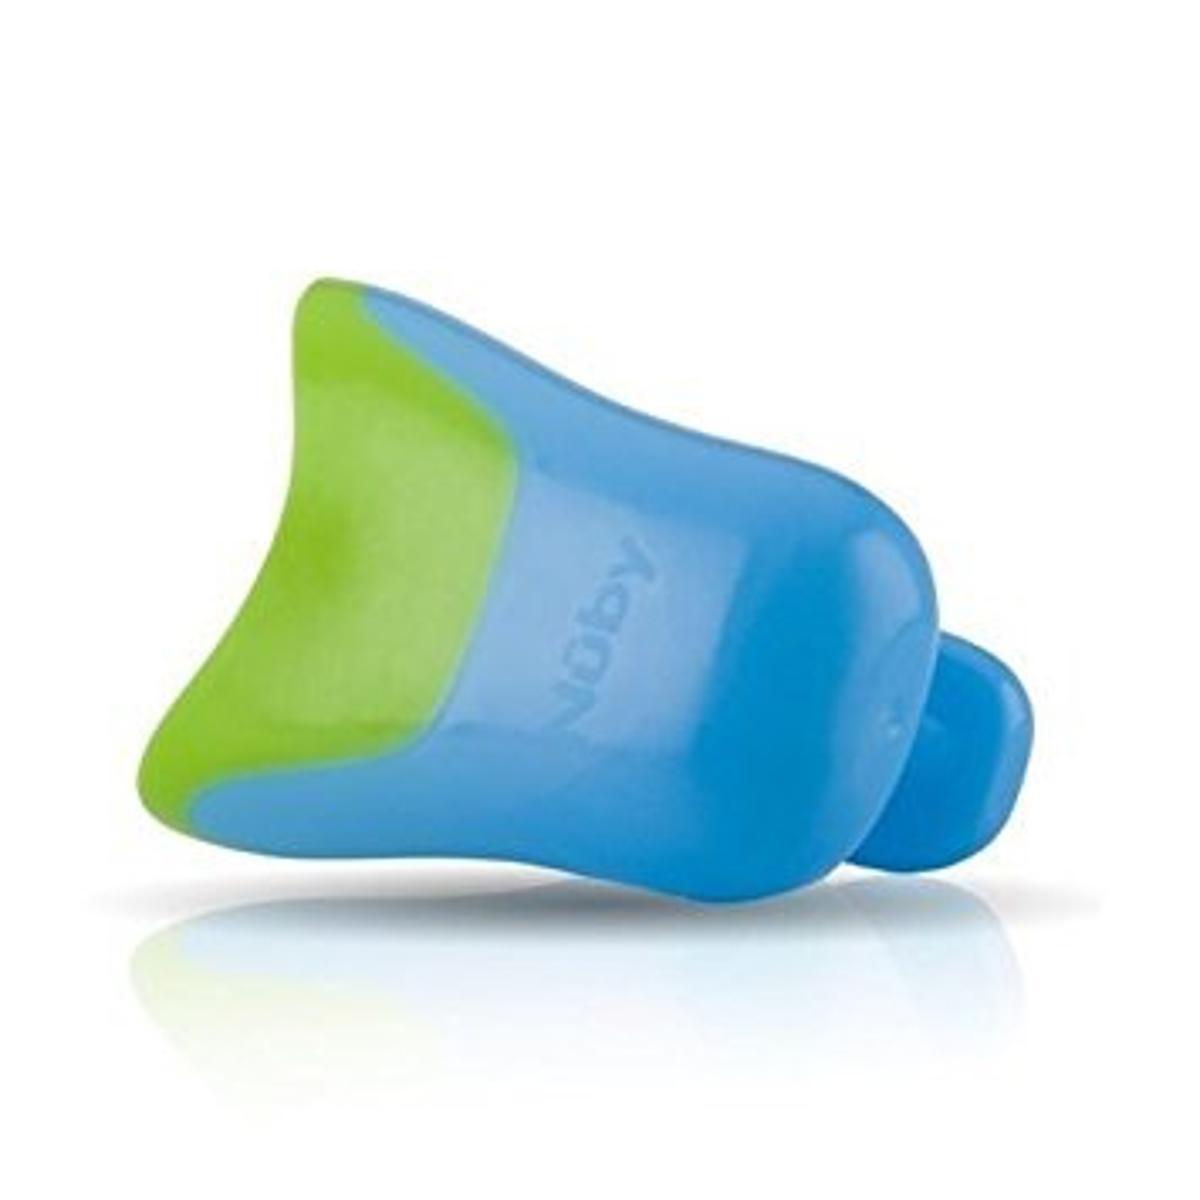 Baby Bath Rinse Cup, Shampoo Rinse, Blue